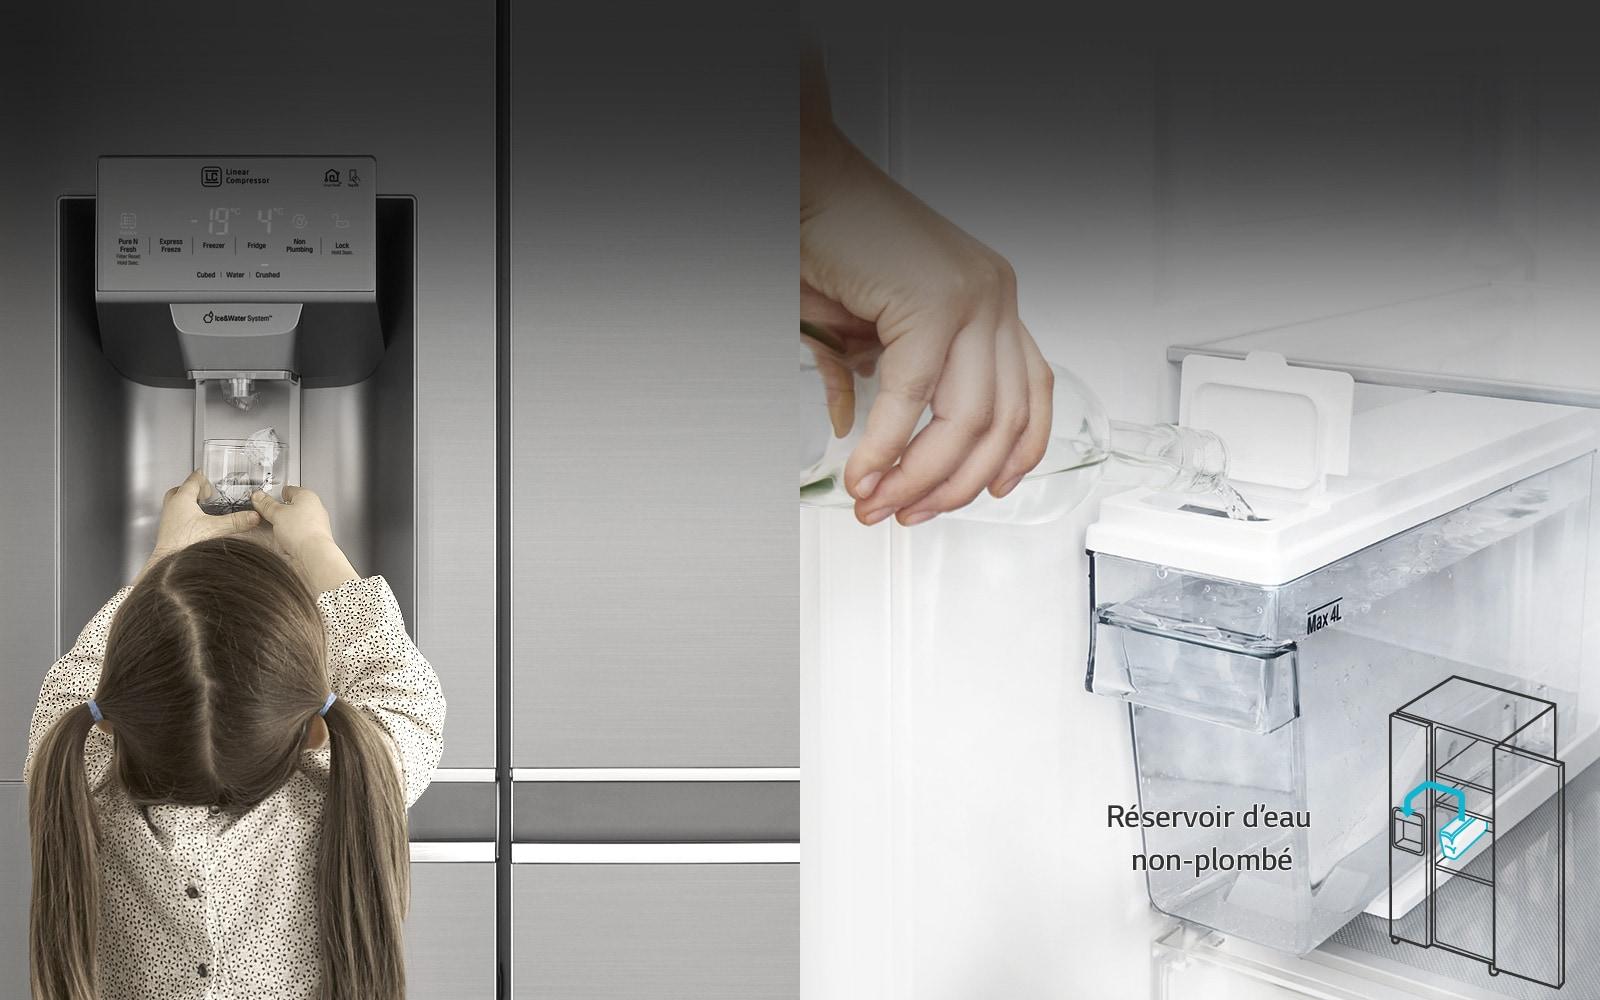 Insertion et retrait faciles du réservoir d'eau1